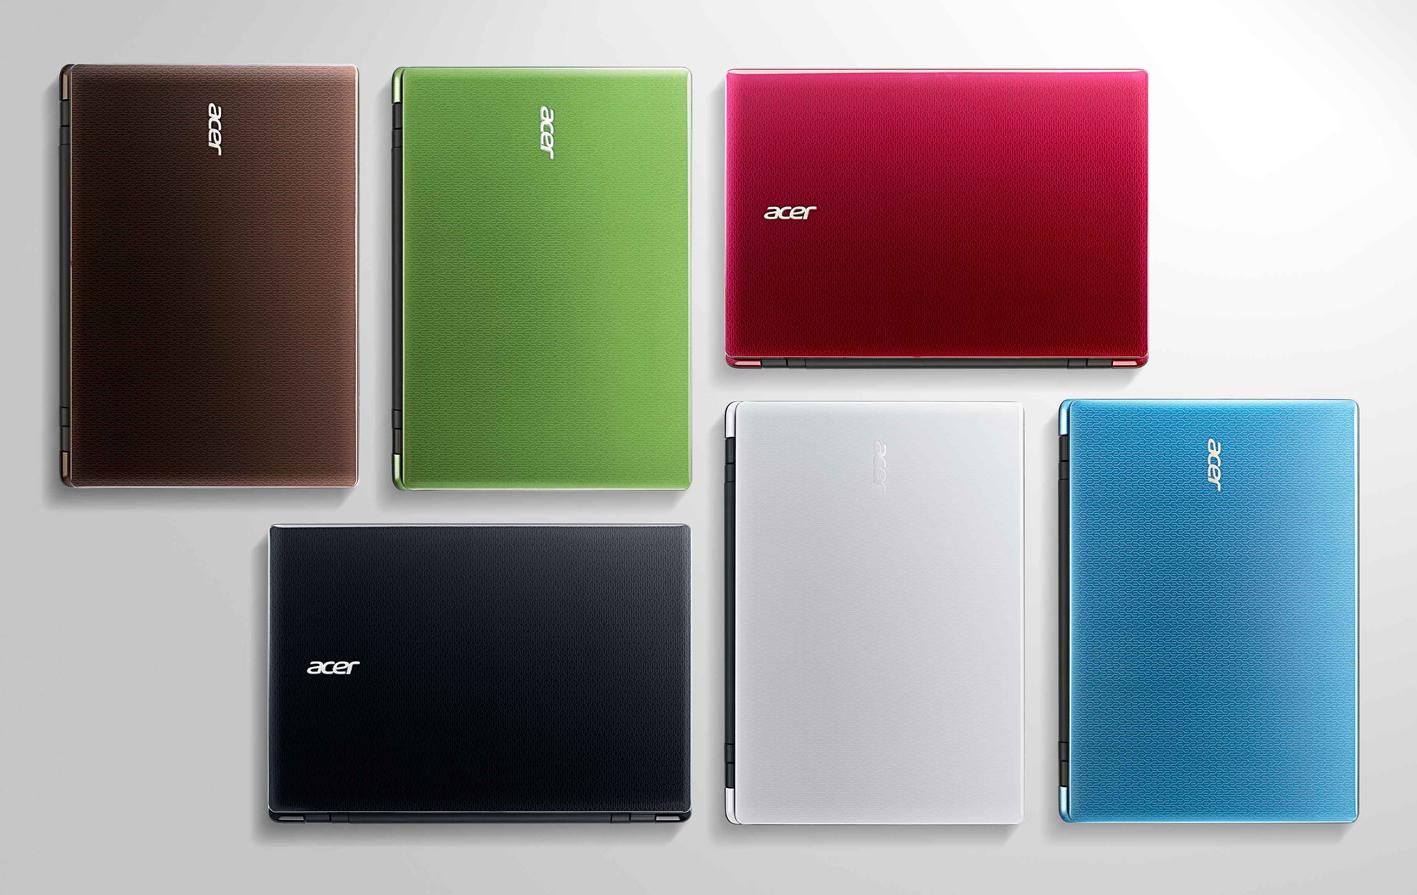 Acer presenata sus nuevos portátiles Aspire Acer E14 y Acer E15